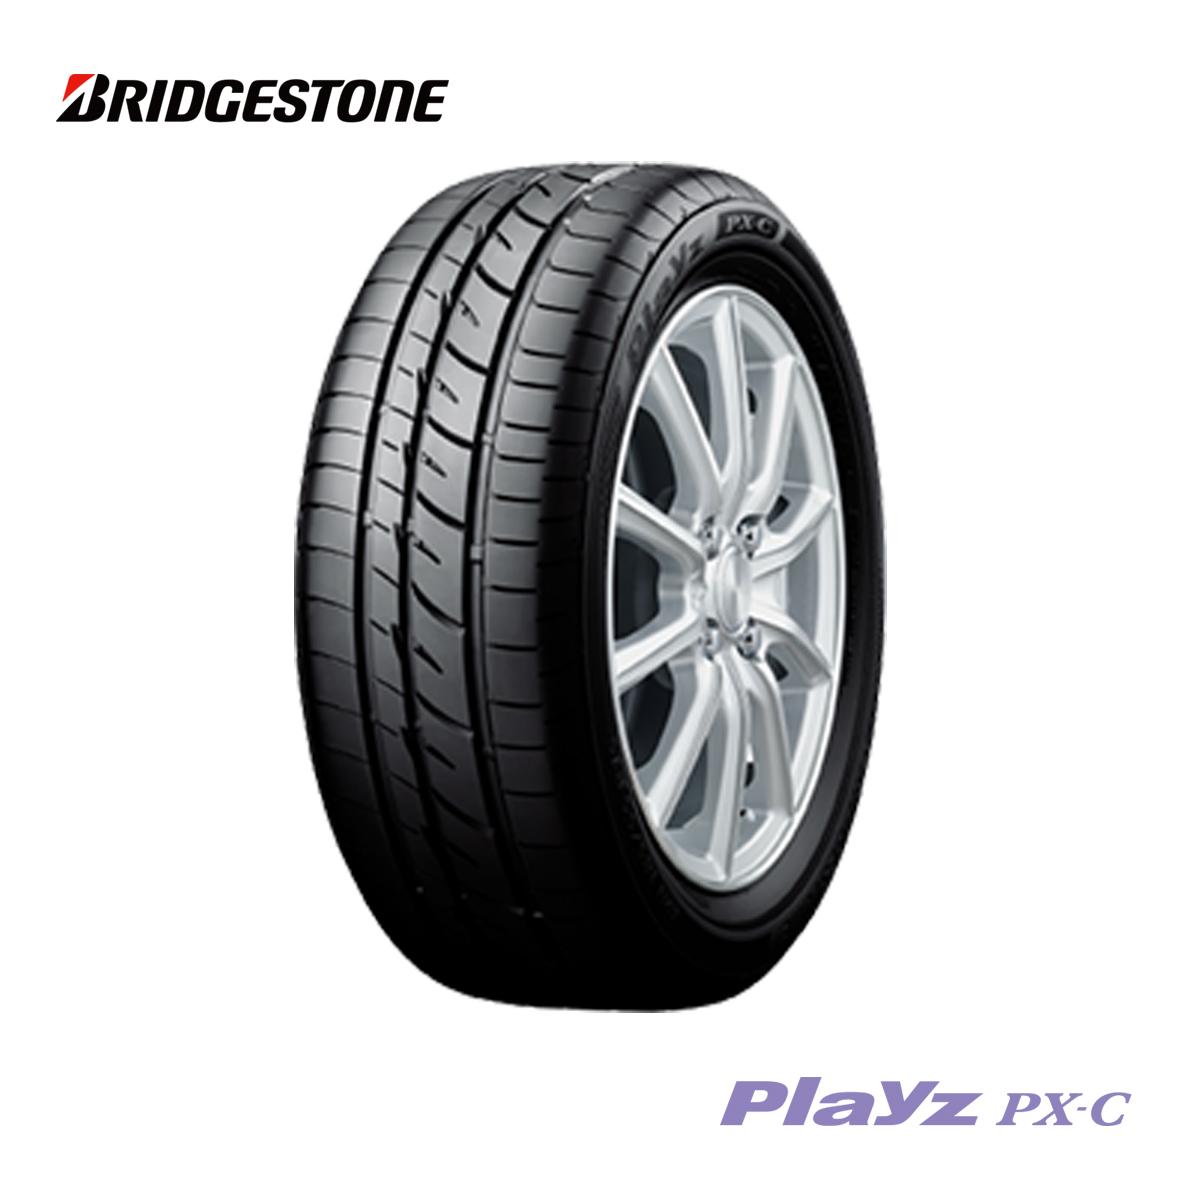 ブリヂストンBS13インチタイヤ145/80R13145801375Sプレイズサマータイヤ2本75S低燃費エコ夏軽コンパクト国産BRIDGESTONEPlayzPX-C